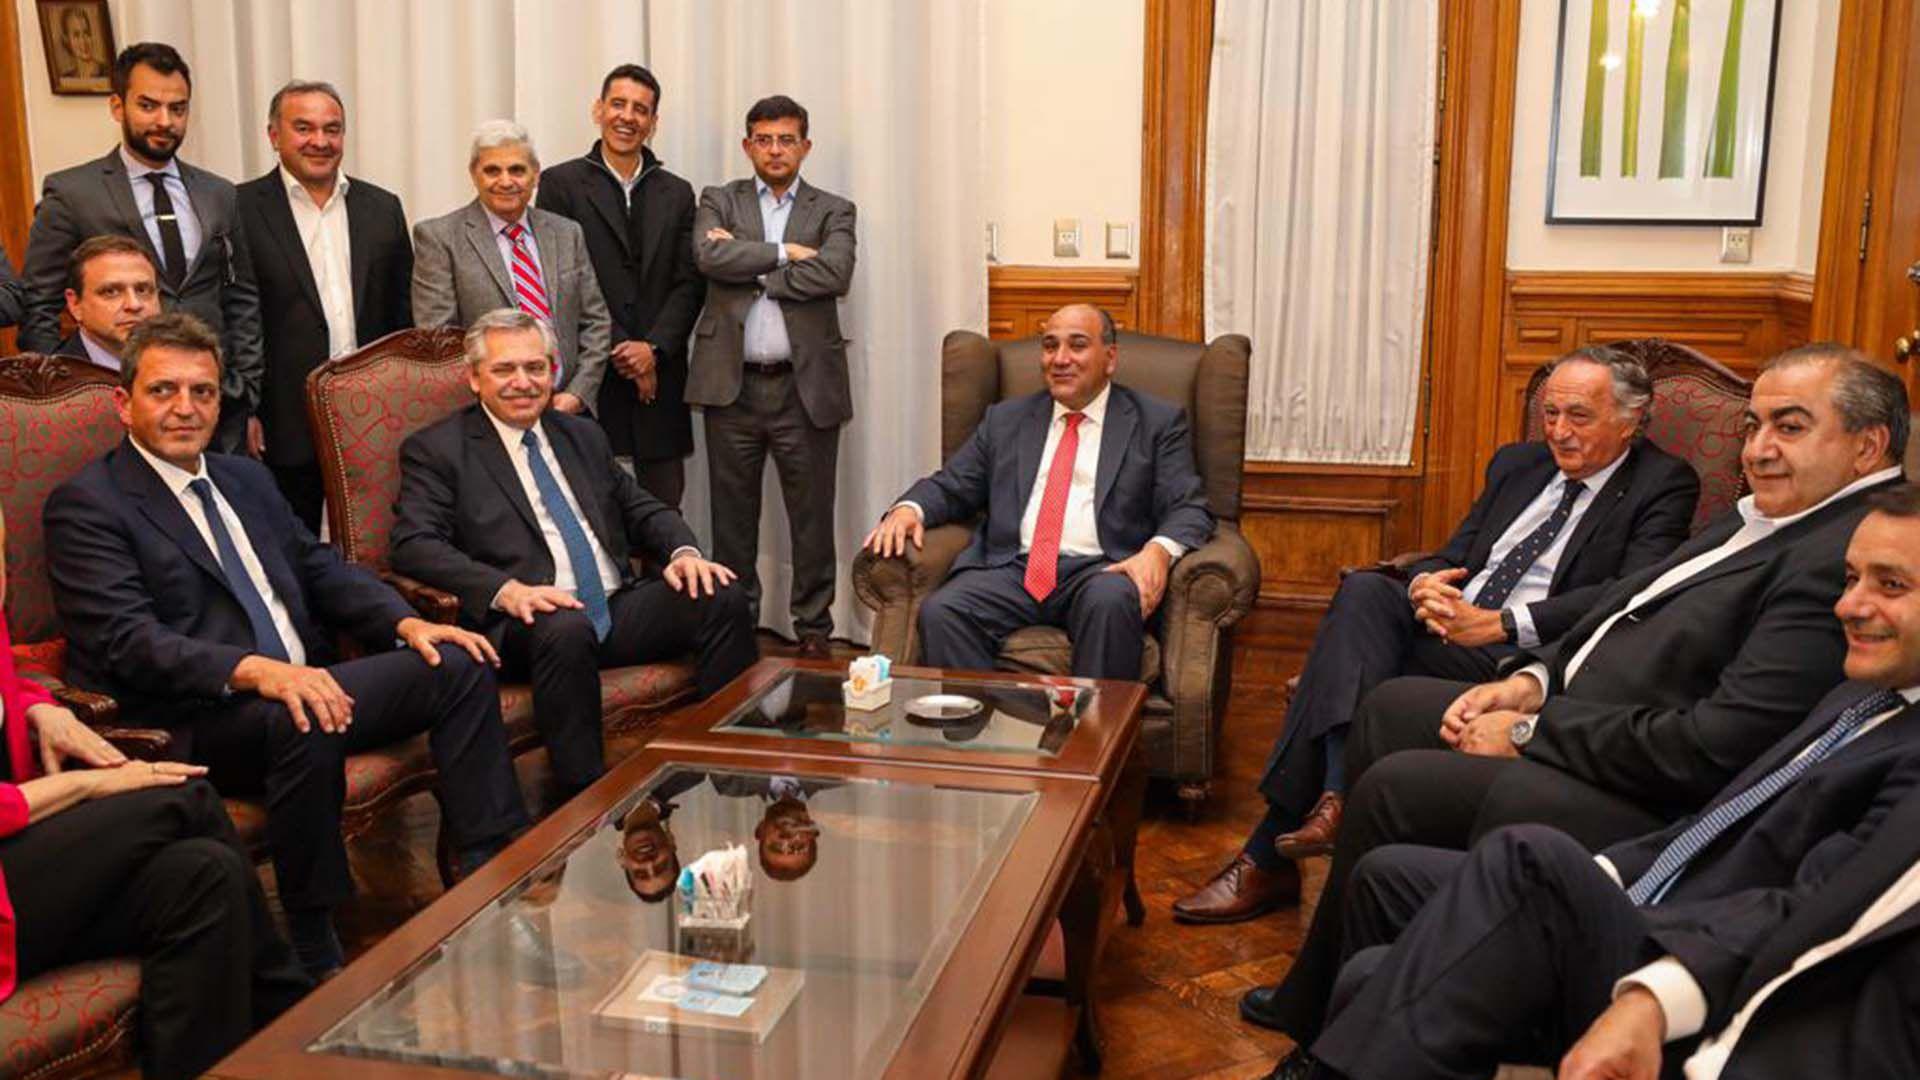 Fernández junto a Miguel Acevedo, de la UIA, Héctor Daer, de la CGT, y Sergio Massa, entre otros